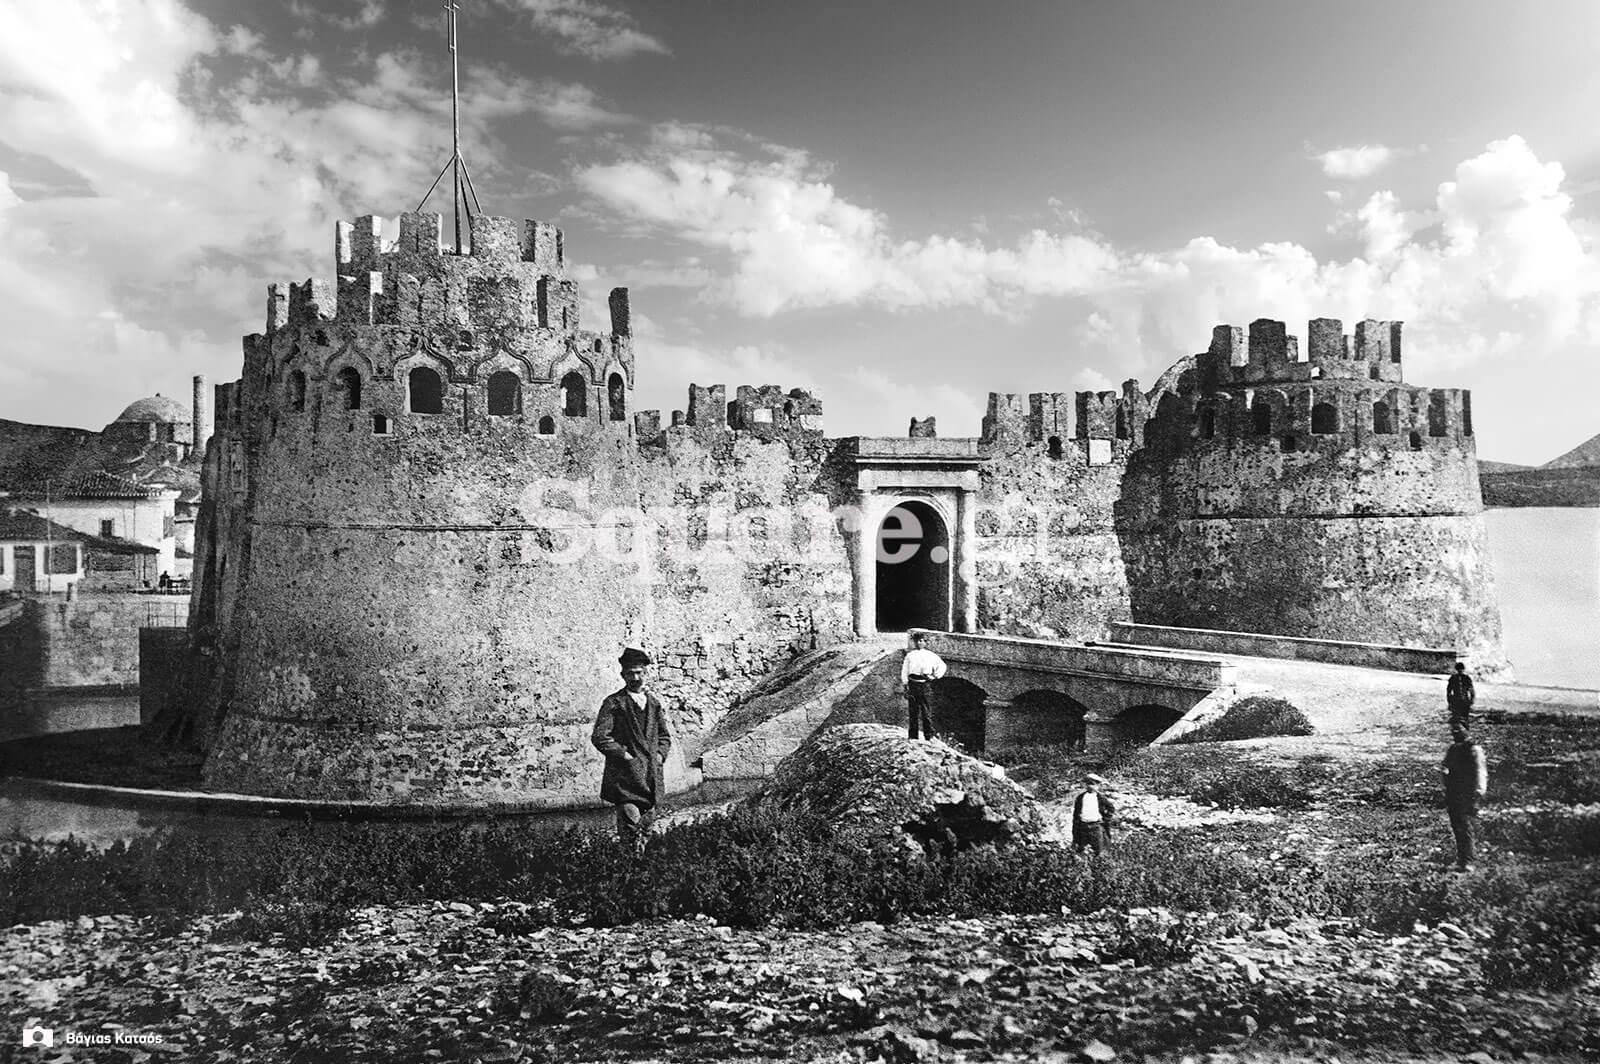 11-Λεπτομέρεια-από-φωτογραφία-του-κάστρου-στον-πορθμό-του-Ευρίπου